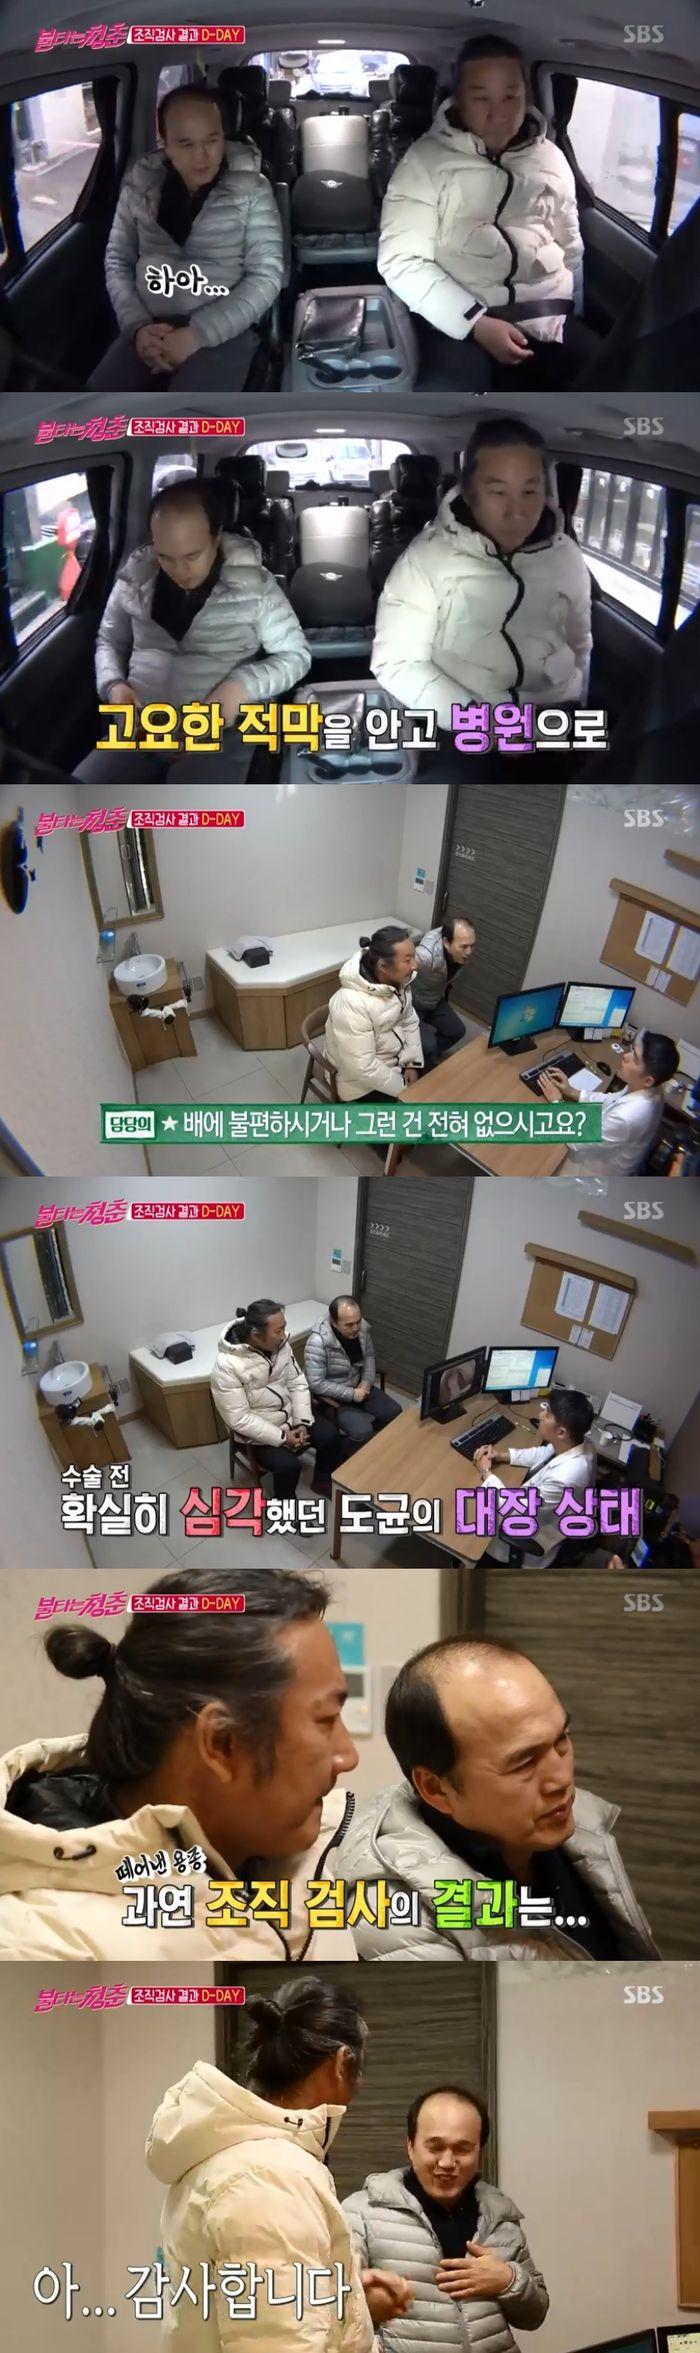 """'불청' 김도균 조직검사 결과 """"대장암 아닌 선종"""" 한시름 놨다  기본이미지"""